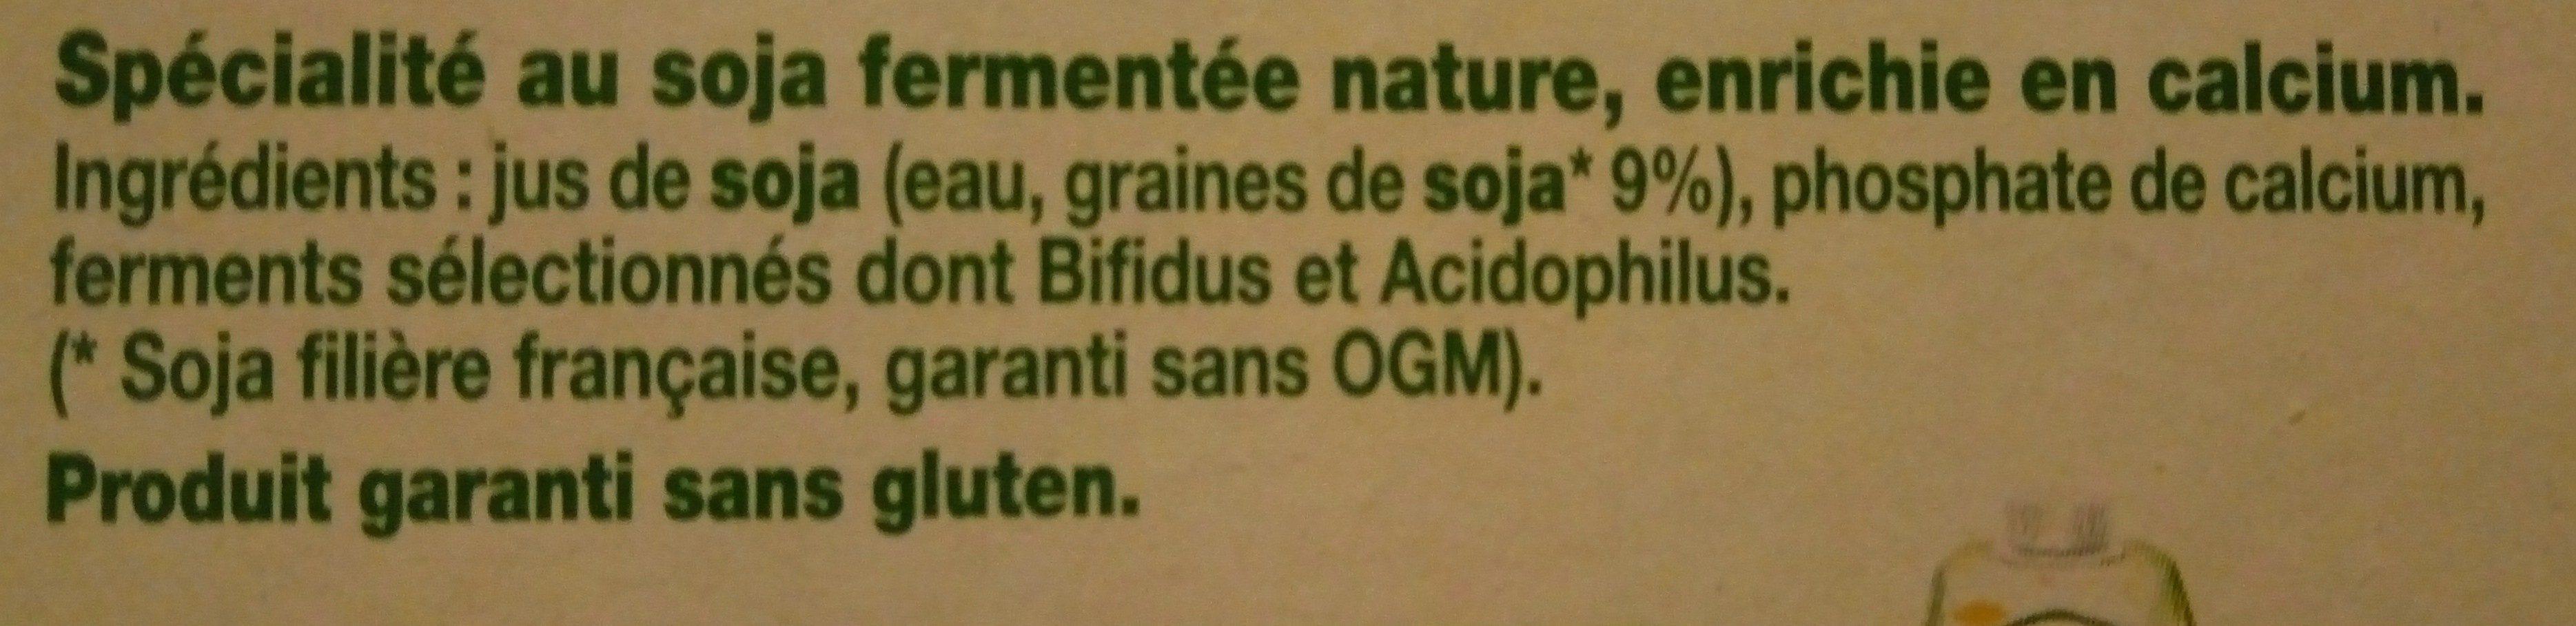 Sojasun nature - Ingredienti - fr